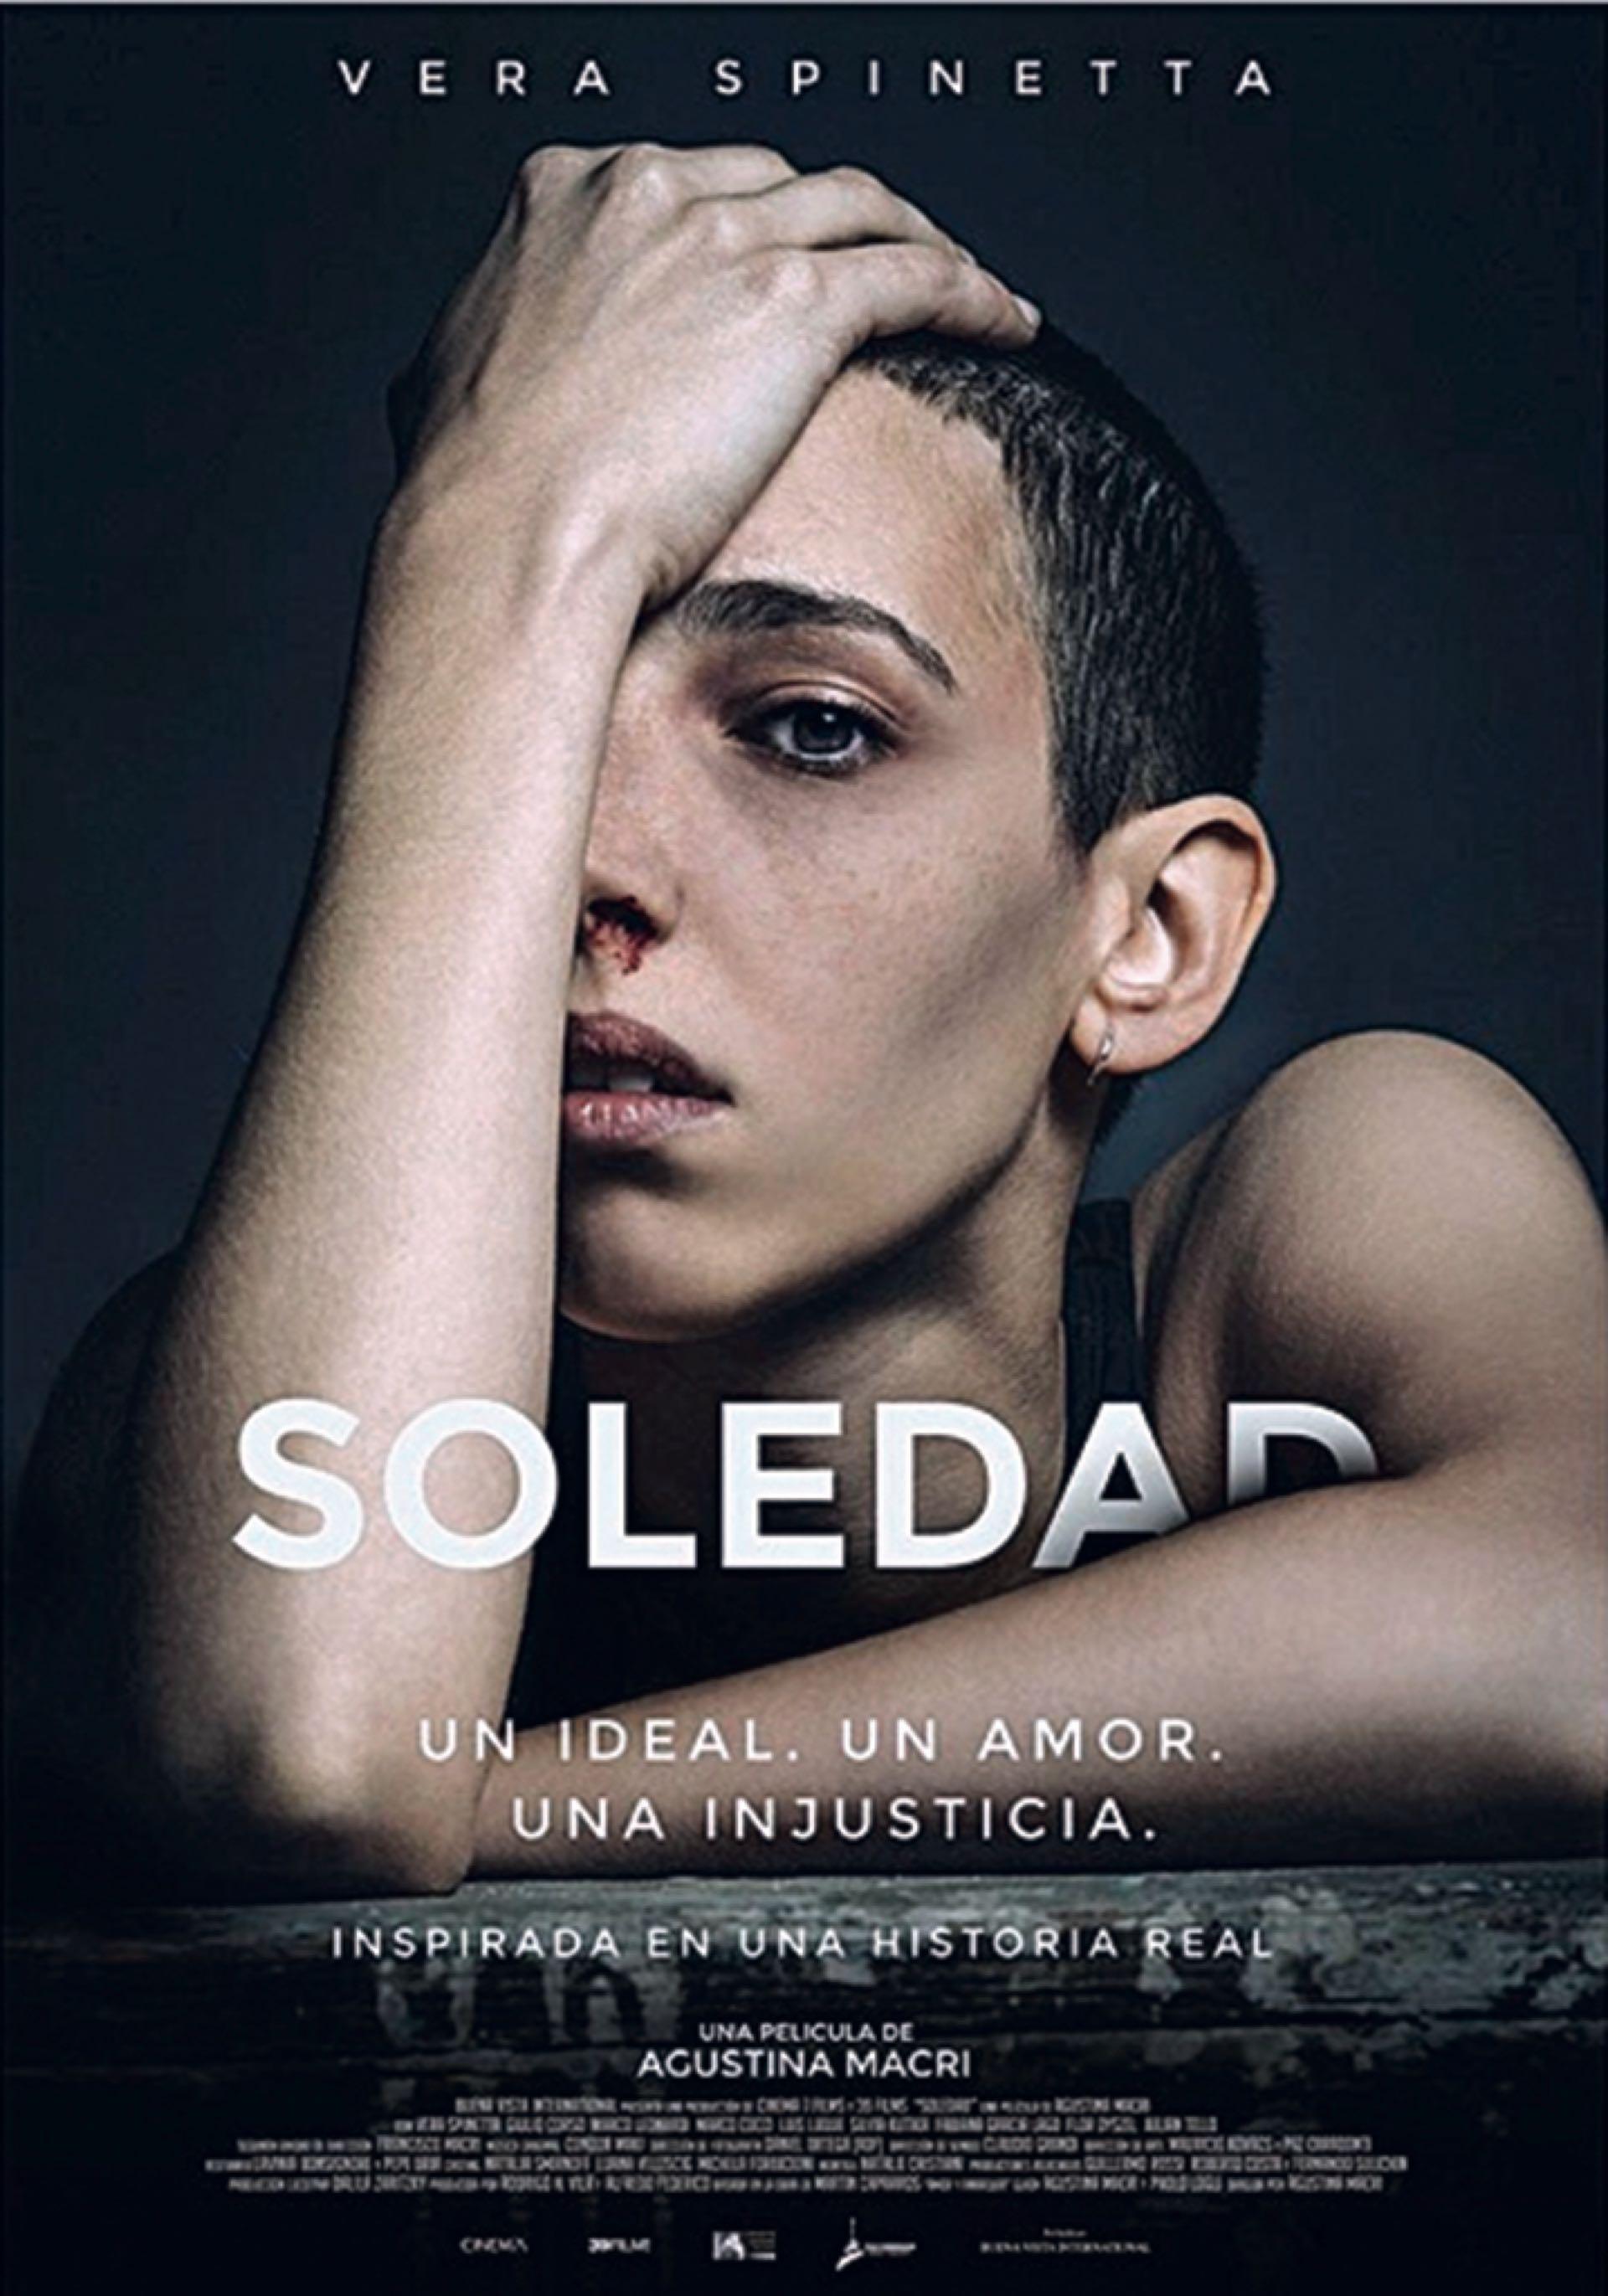 GENTE-Soledad-Macri-y-Spinetta-012-140918